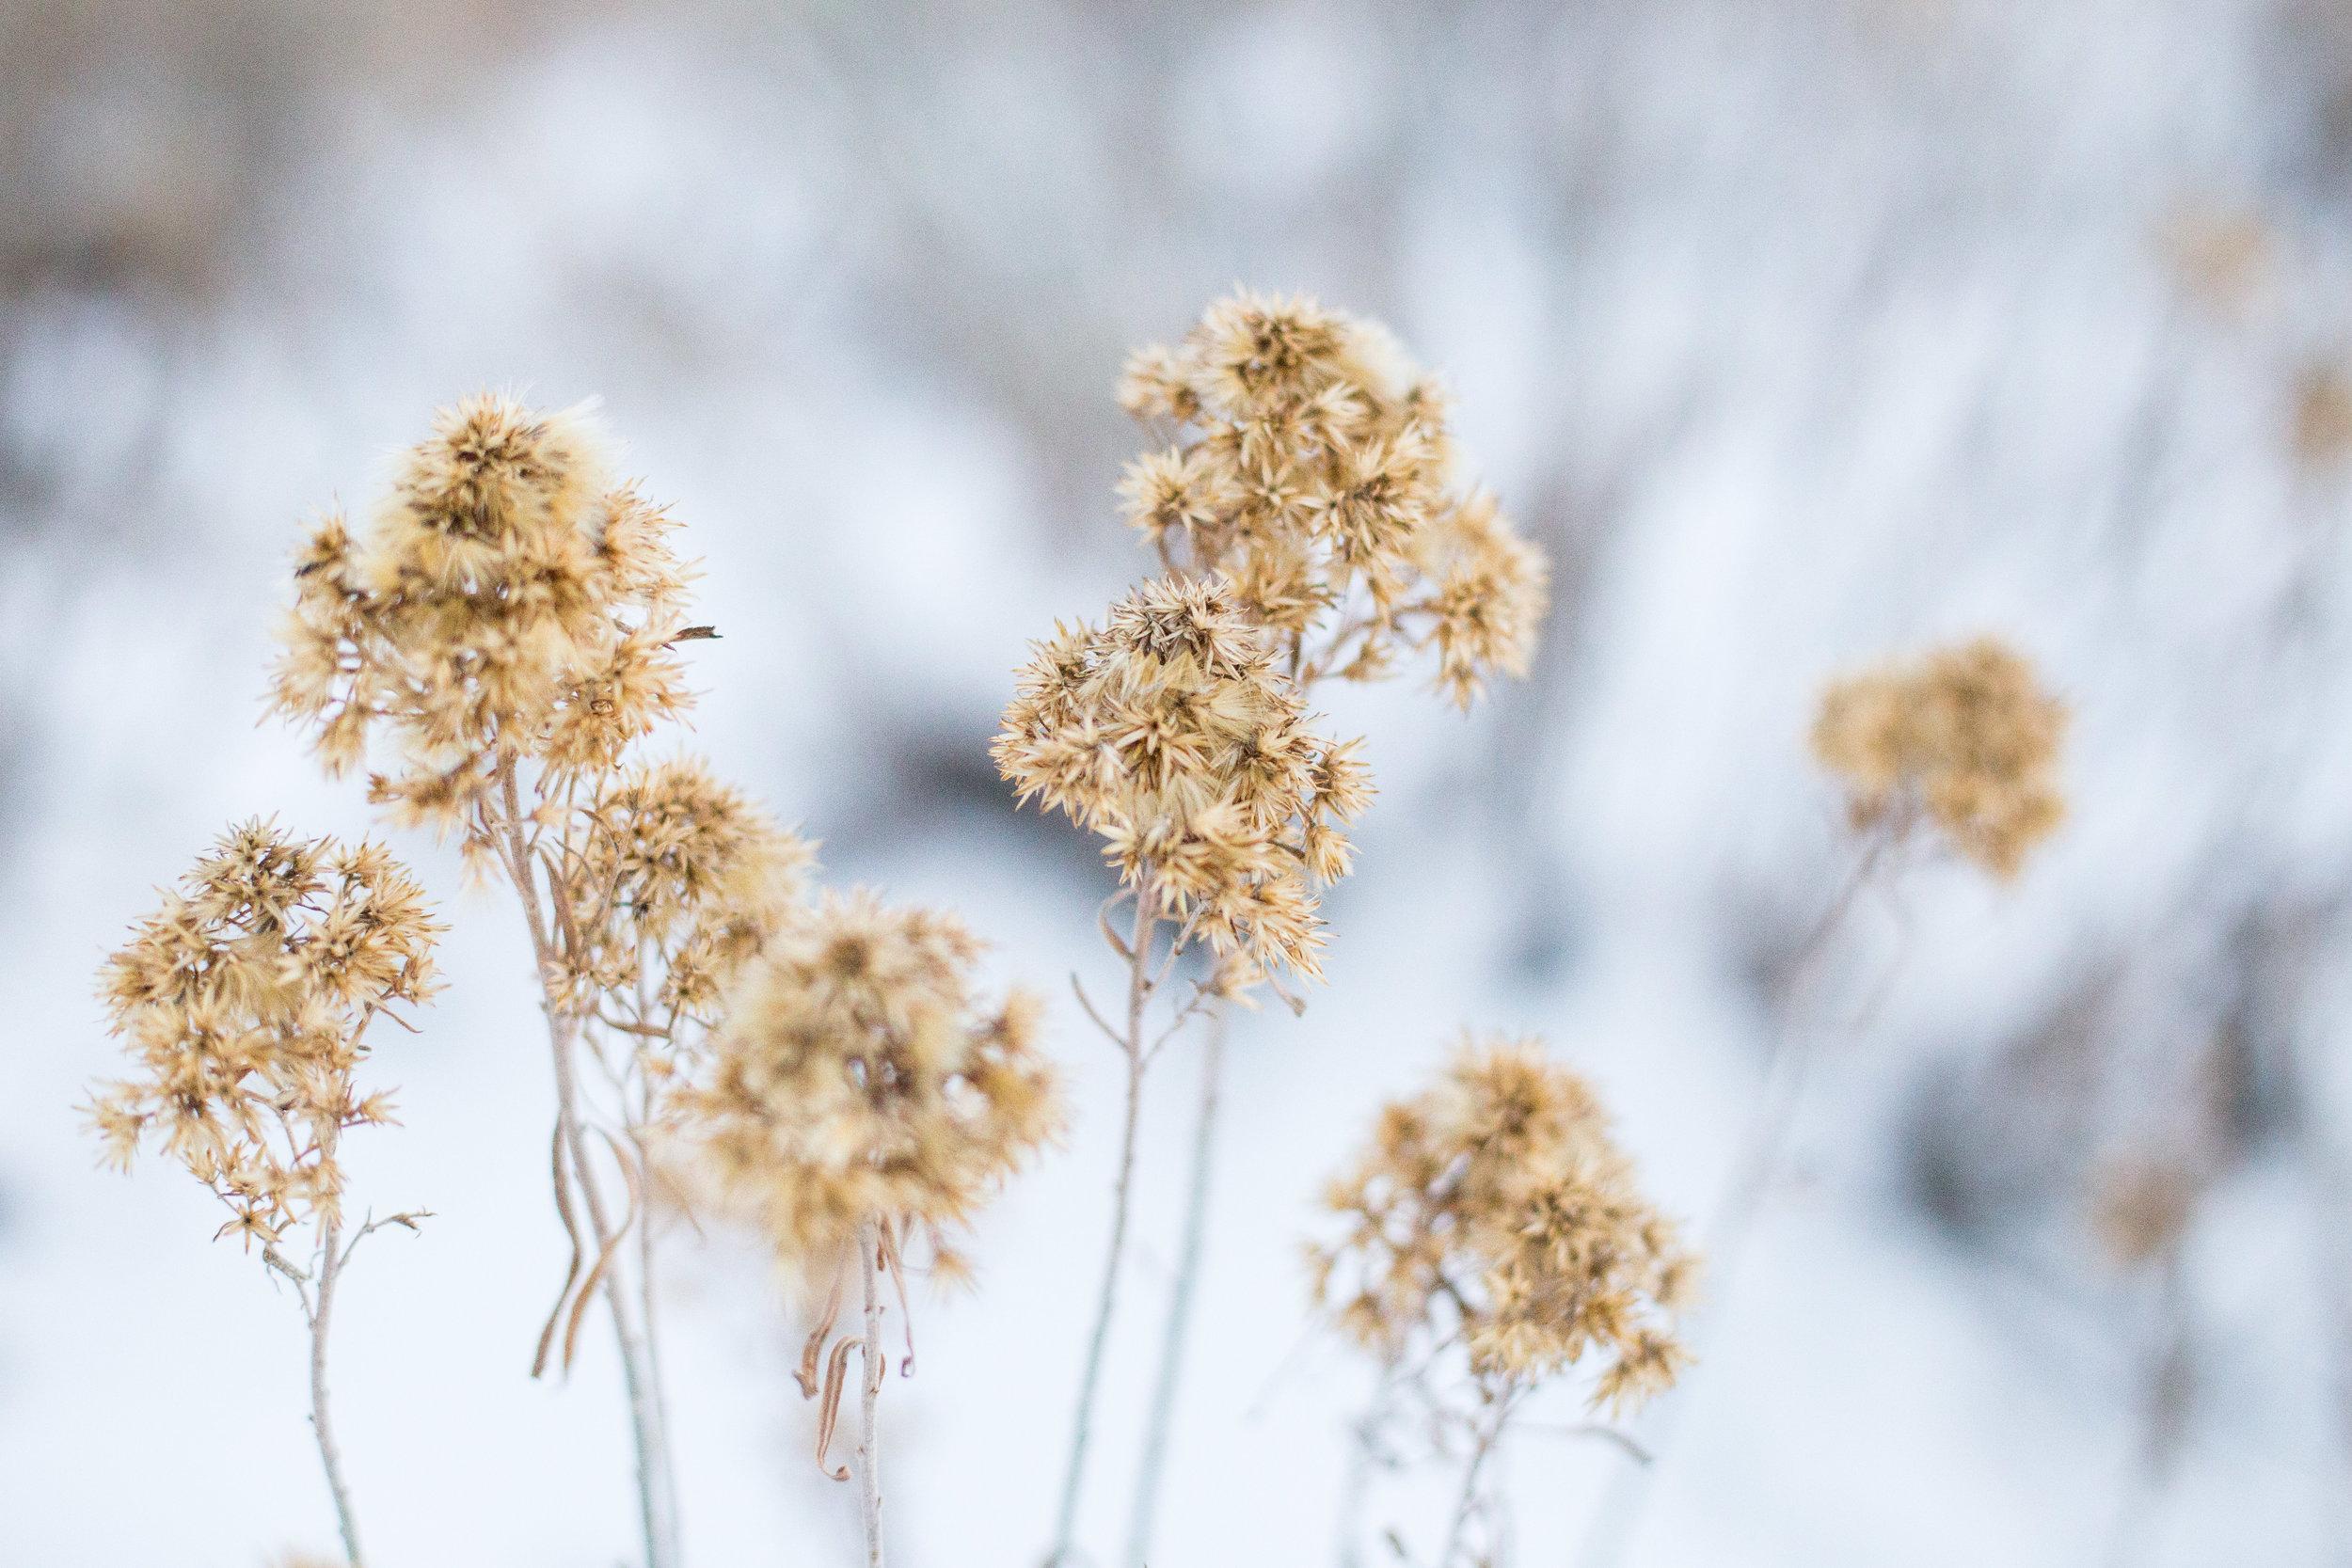 newyearsflowers-8.jpg